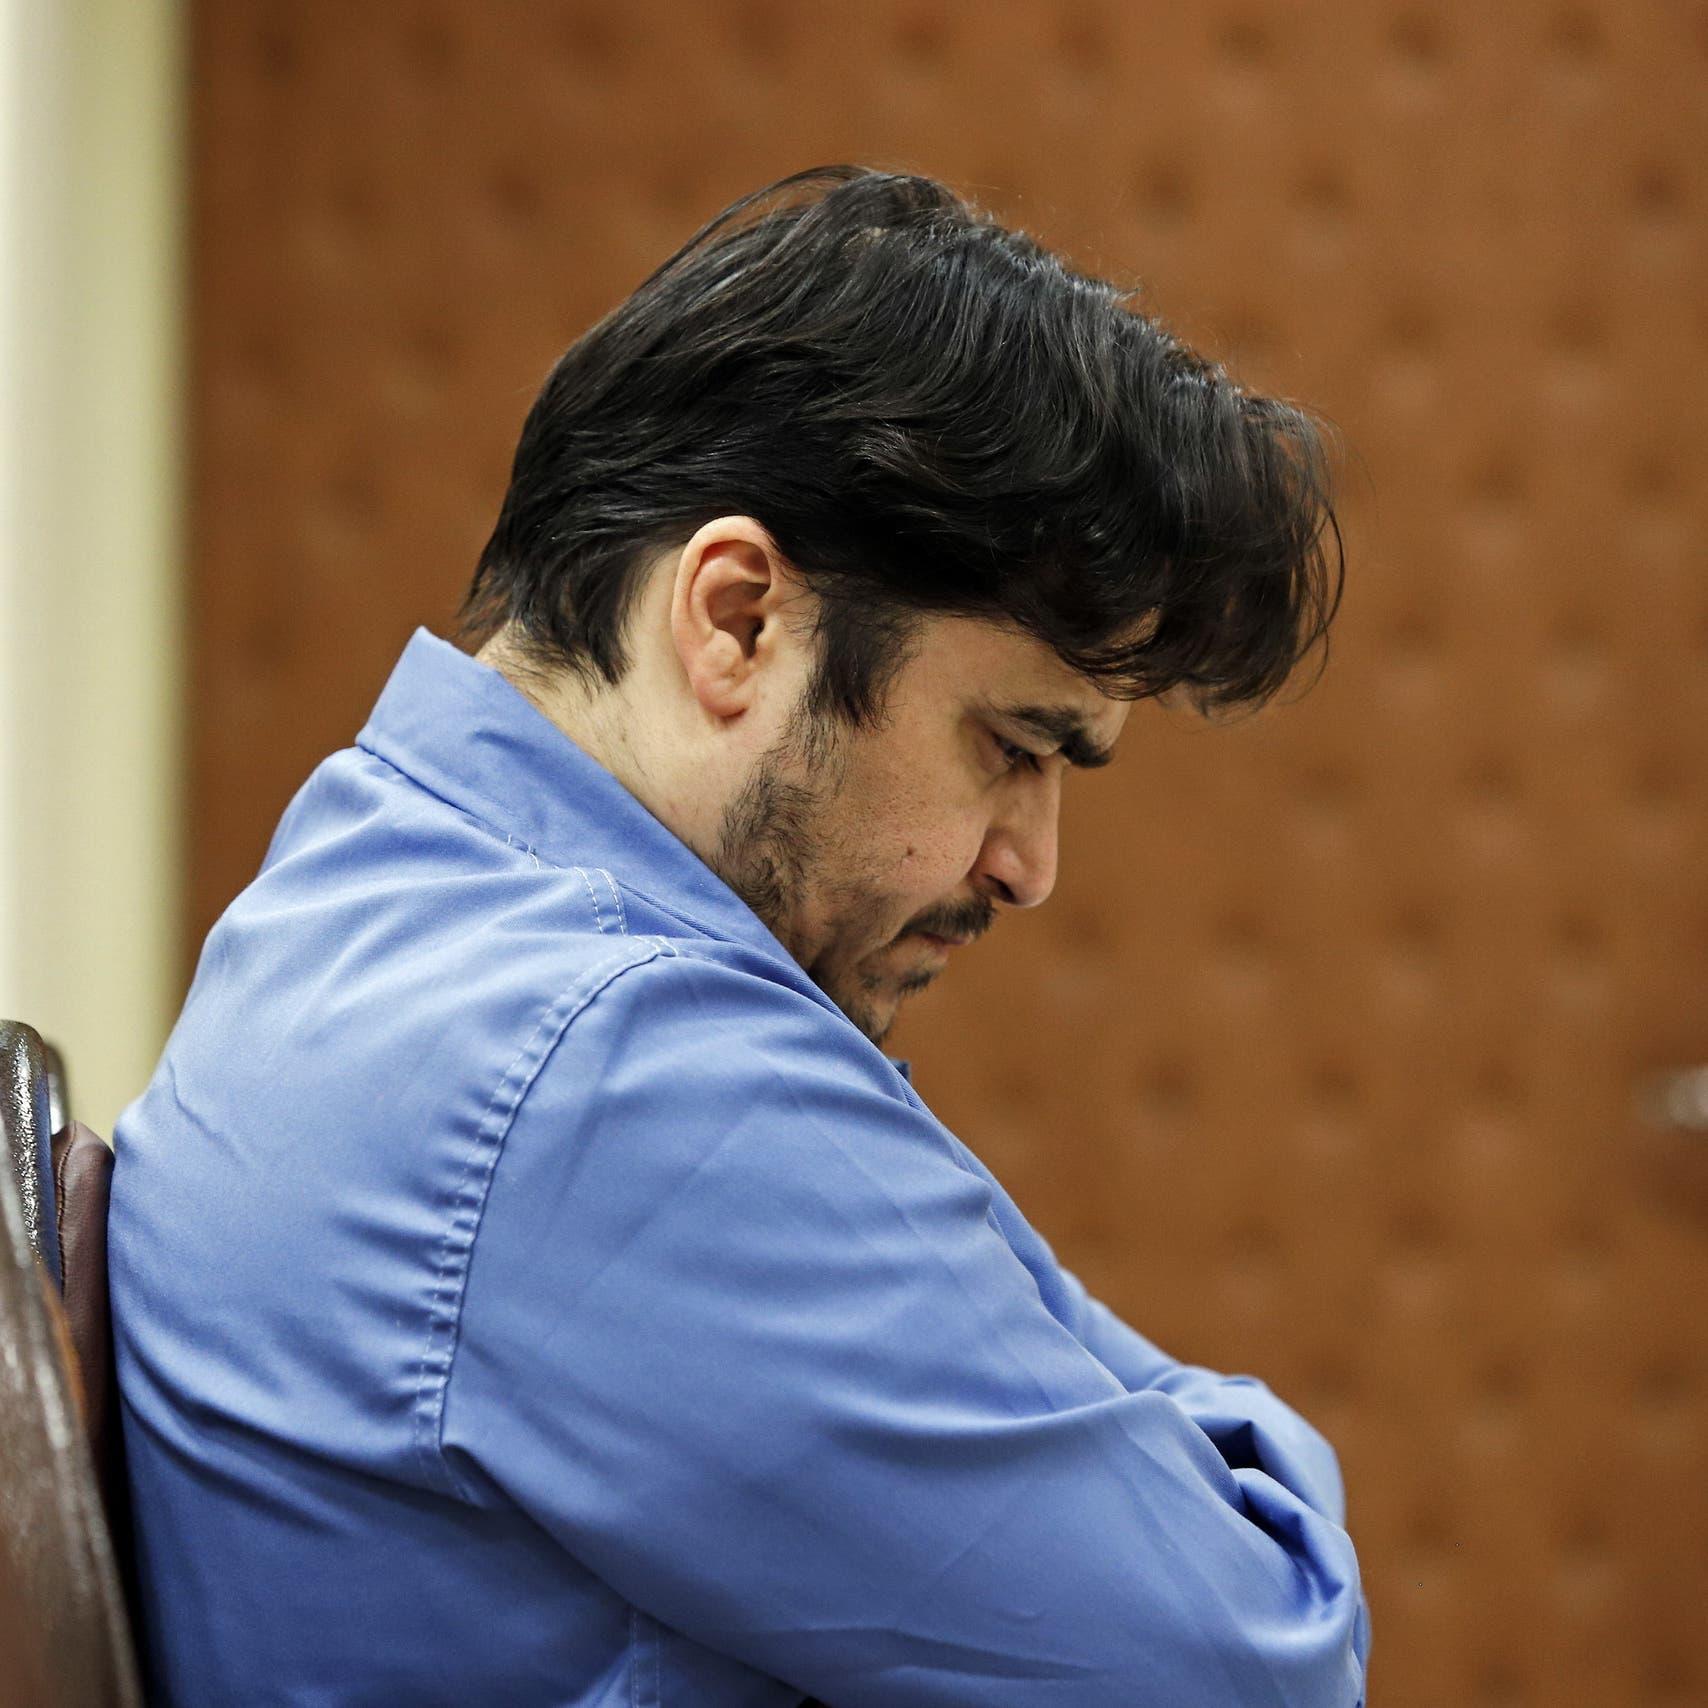 فيديو جديد لوالد الصحافي الإيراني زم: كذبوا علينا بشأن إعدامه